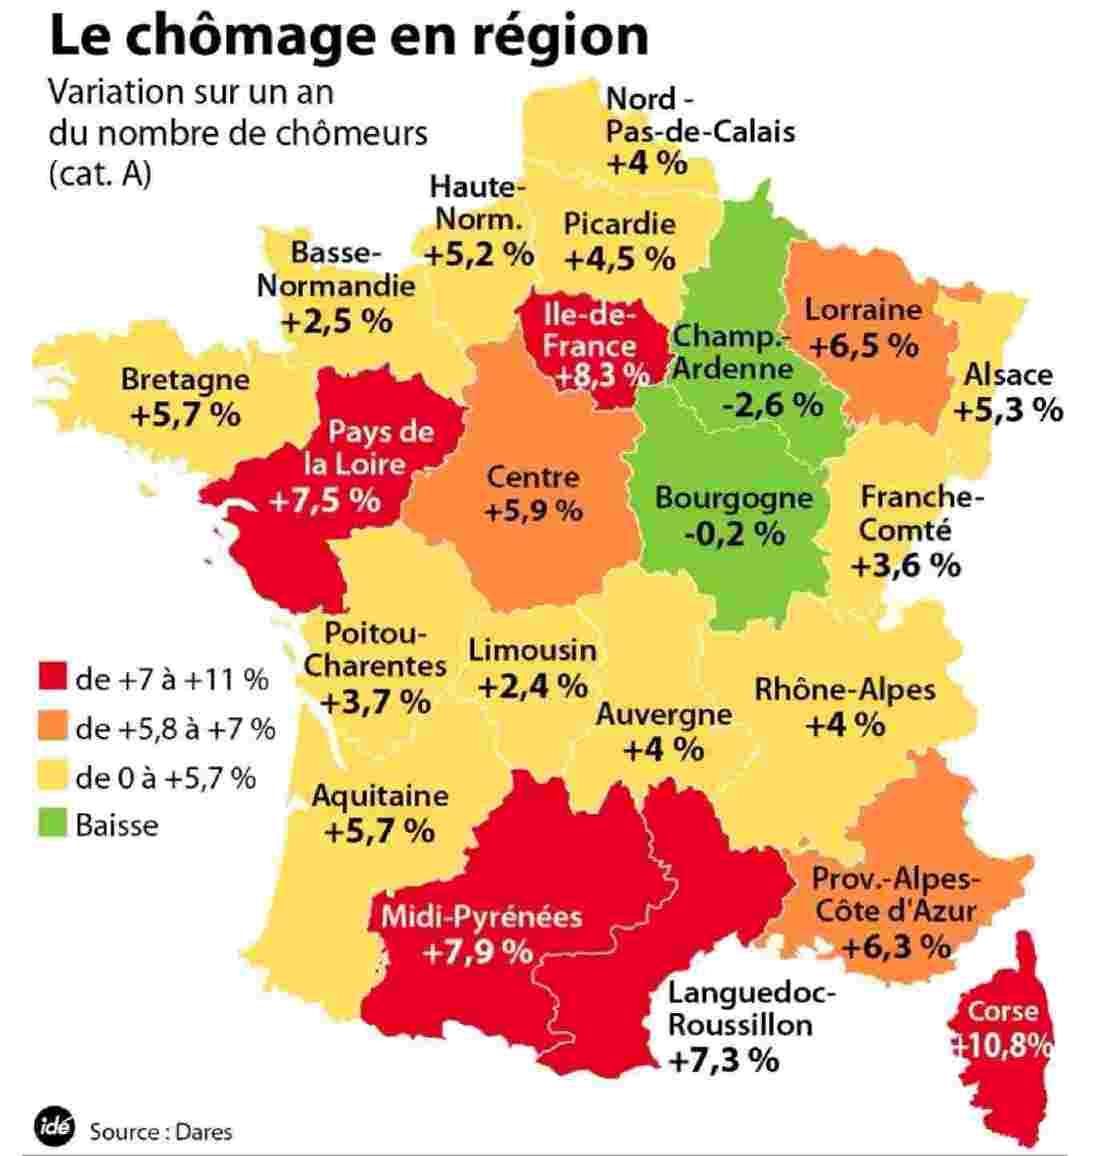 Chom-Regions.jpg